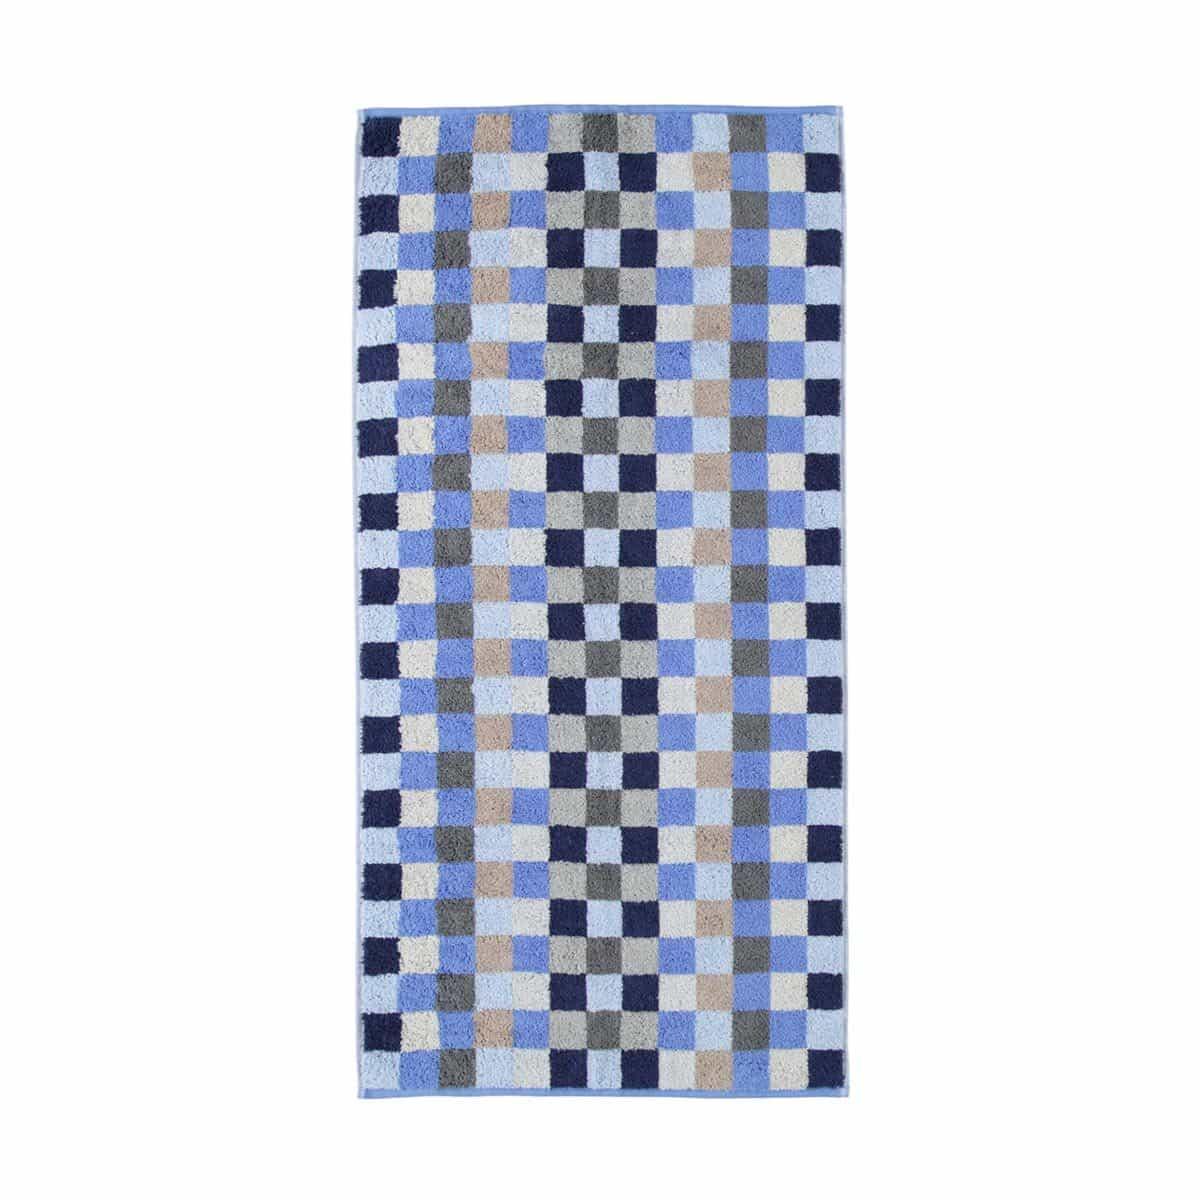 caw handt cher unique cubes karo g nstig online kaufen bei bettwaren shop. Black Bedroom Furniture Sets. Home Design Ideas